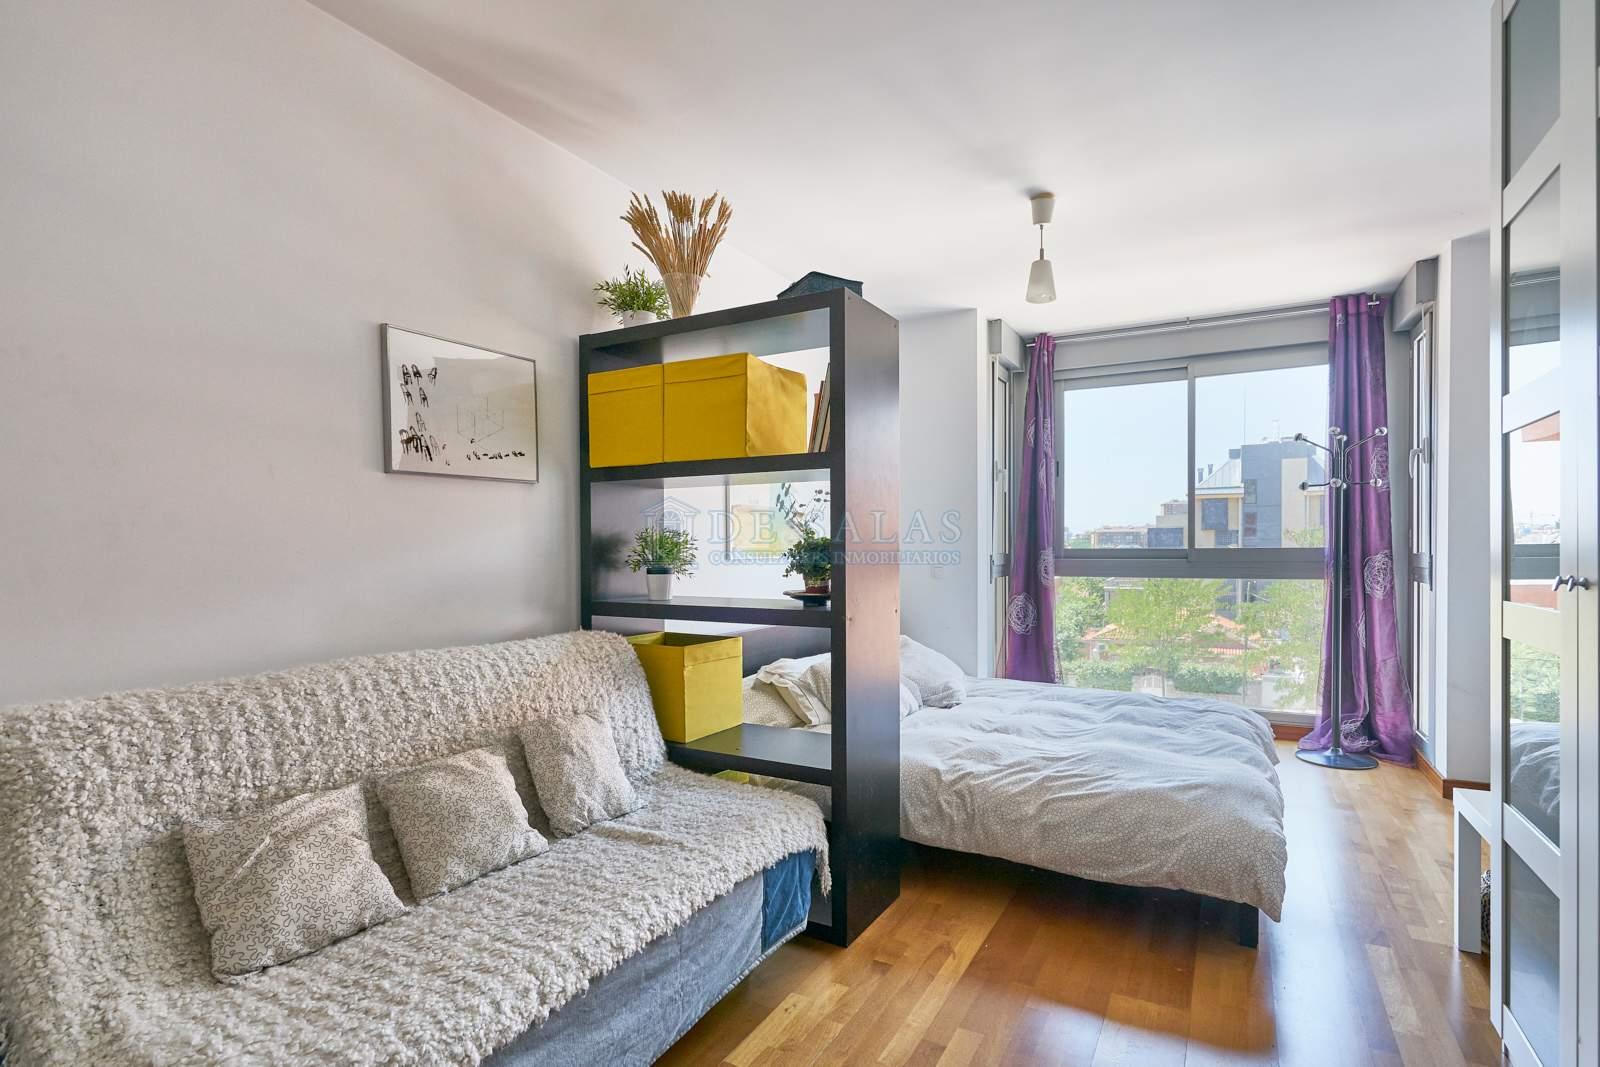 005 Appartement Arturo Soria